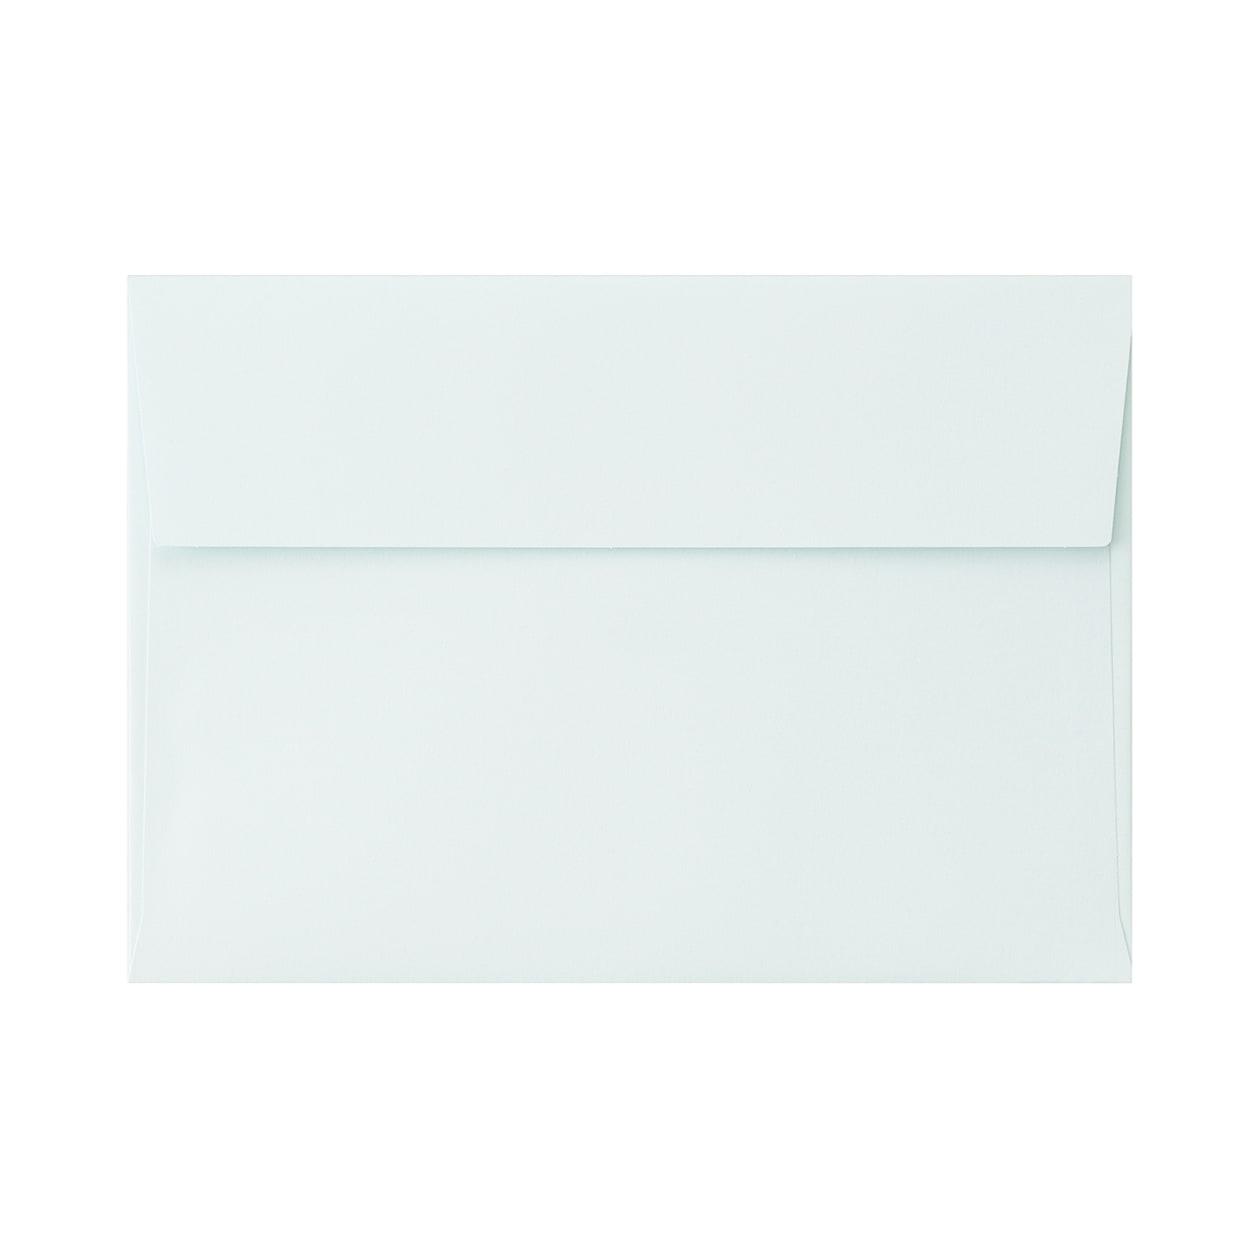 角6カマス封筒 コットン ブルー 116.3g